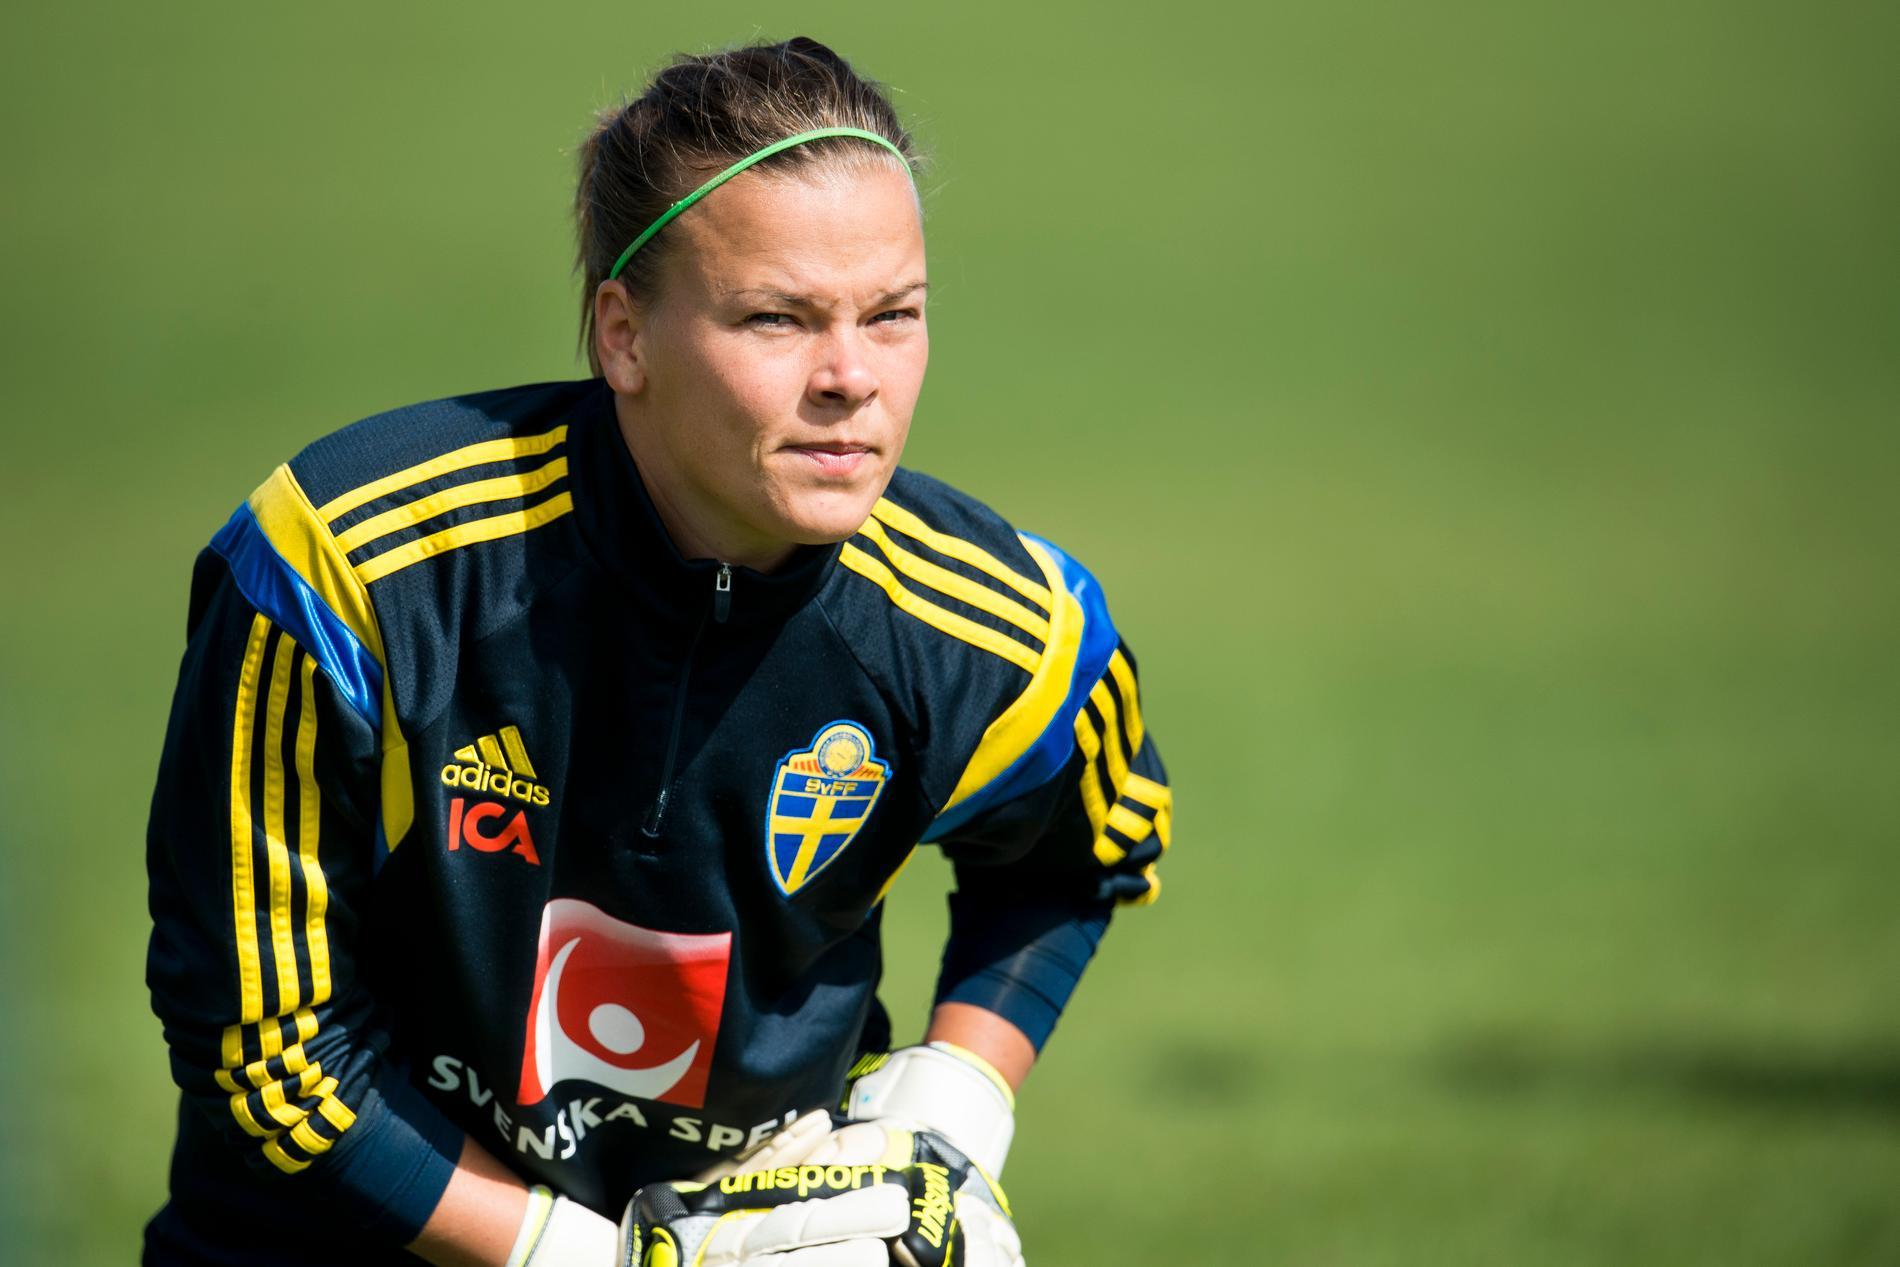 Öhrström spelade i olika ungdomslandslag före flytten utomlands.